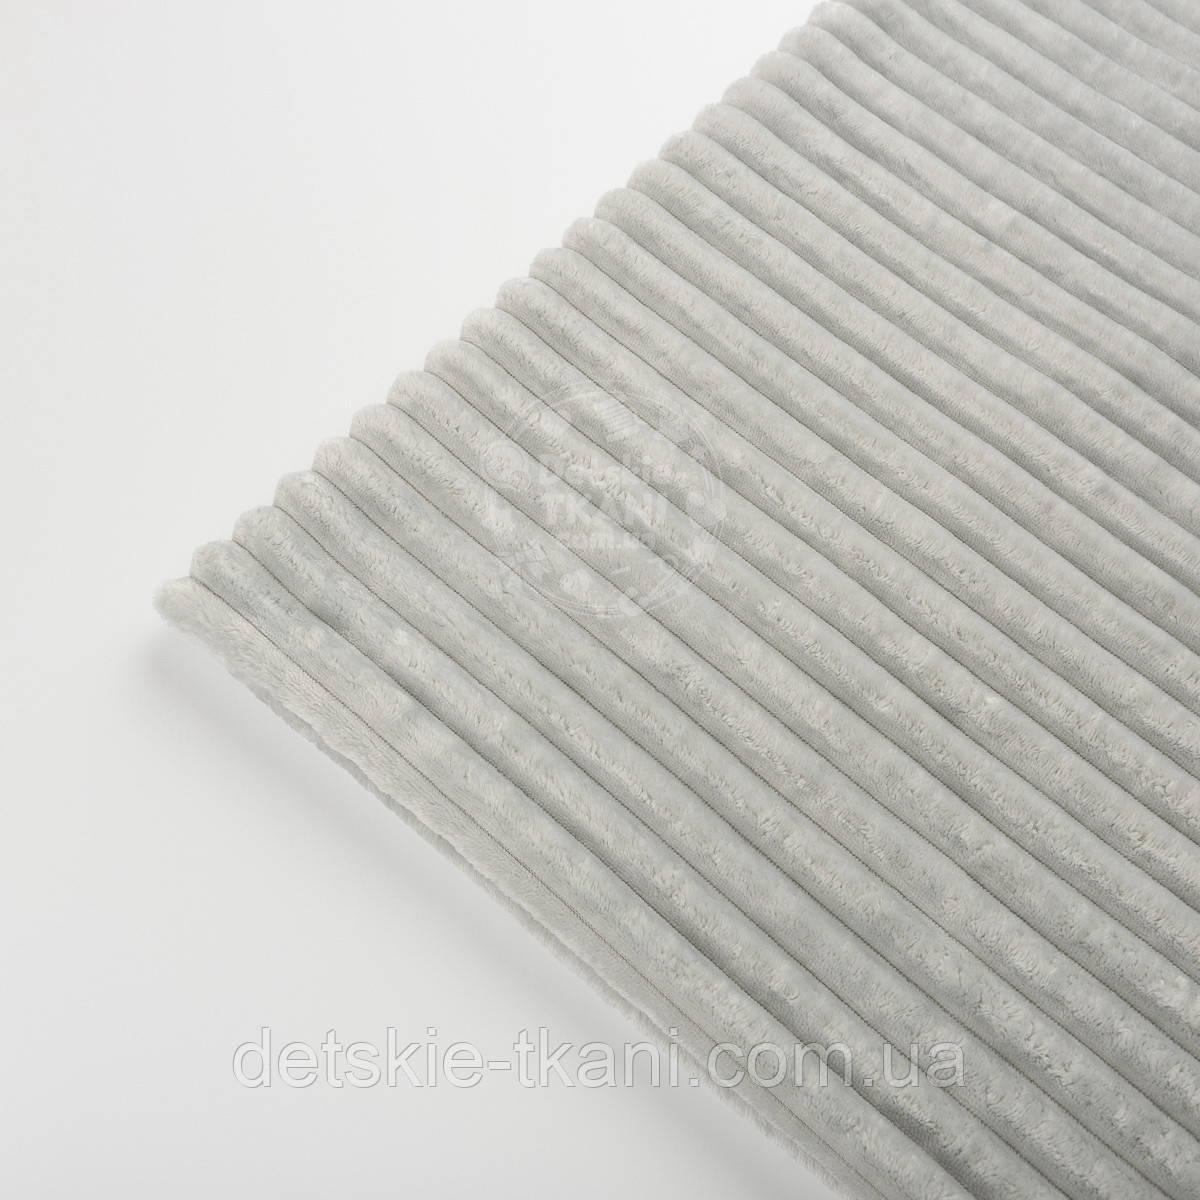 Лоскут плюша minky stripes светло-серого цвета, размер 80*65 см